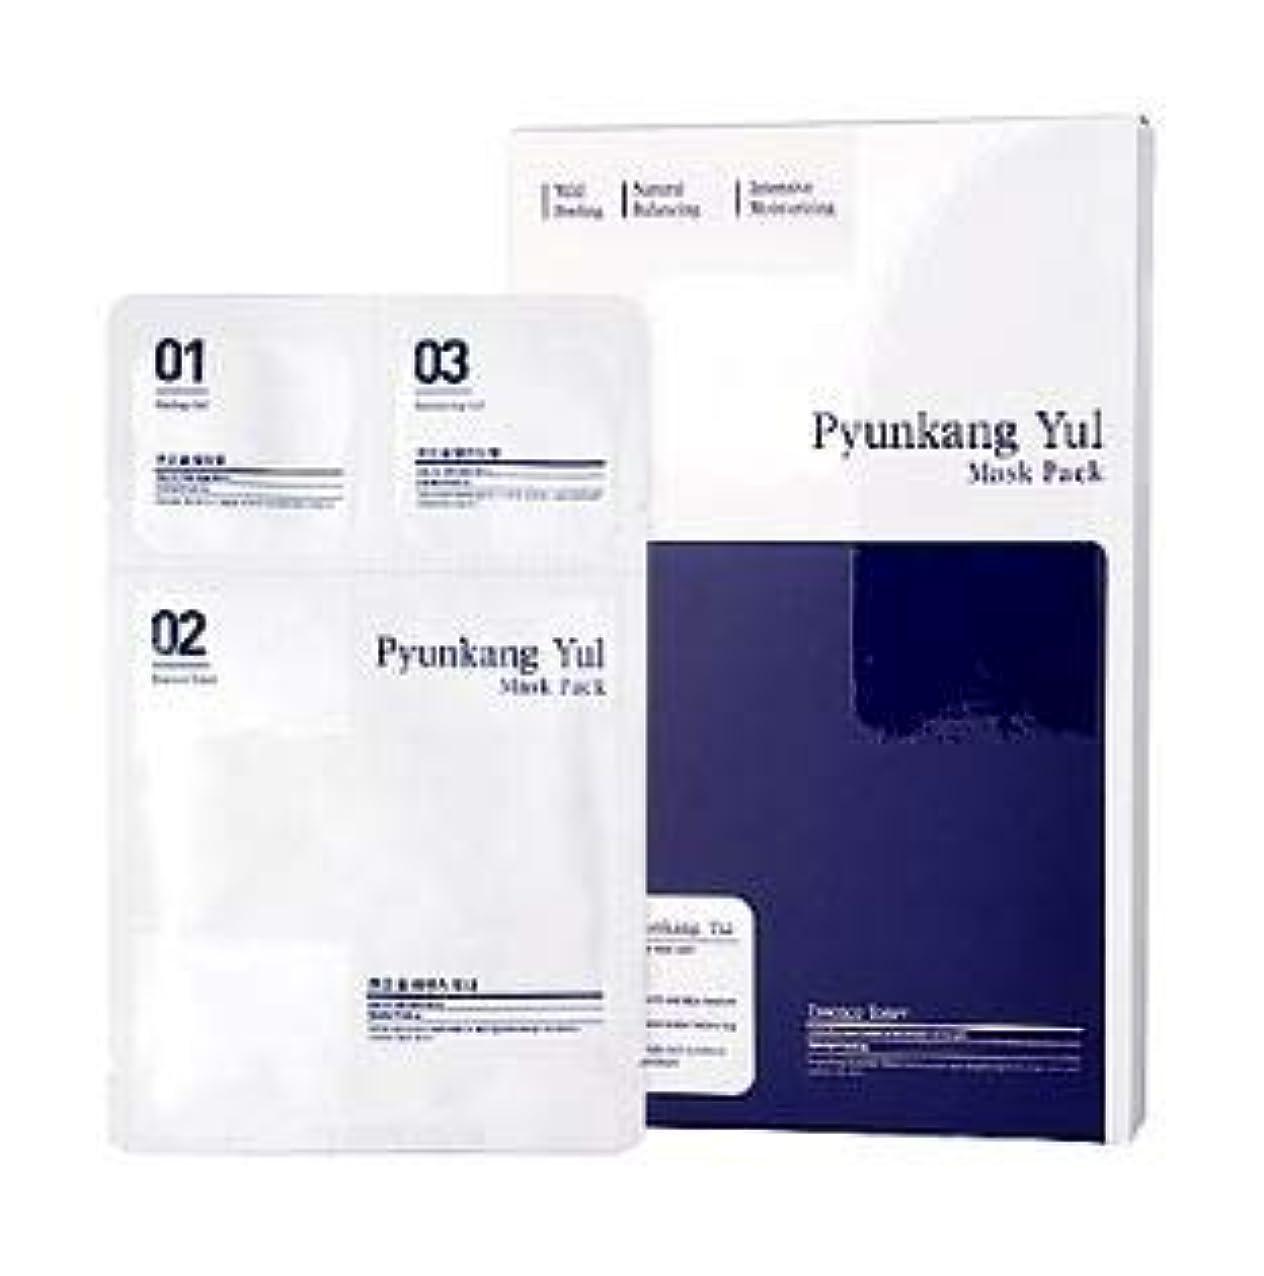 嬉しいです応答資源[Pyunkang Yul] 3 Step Mask Pack (5ea) /[扁康率(PYUNKANG YUL)] 3 ステップ マスク パック (5枚) [並行輸入品]